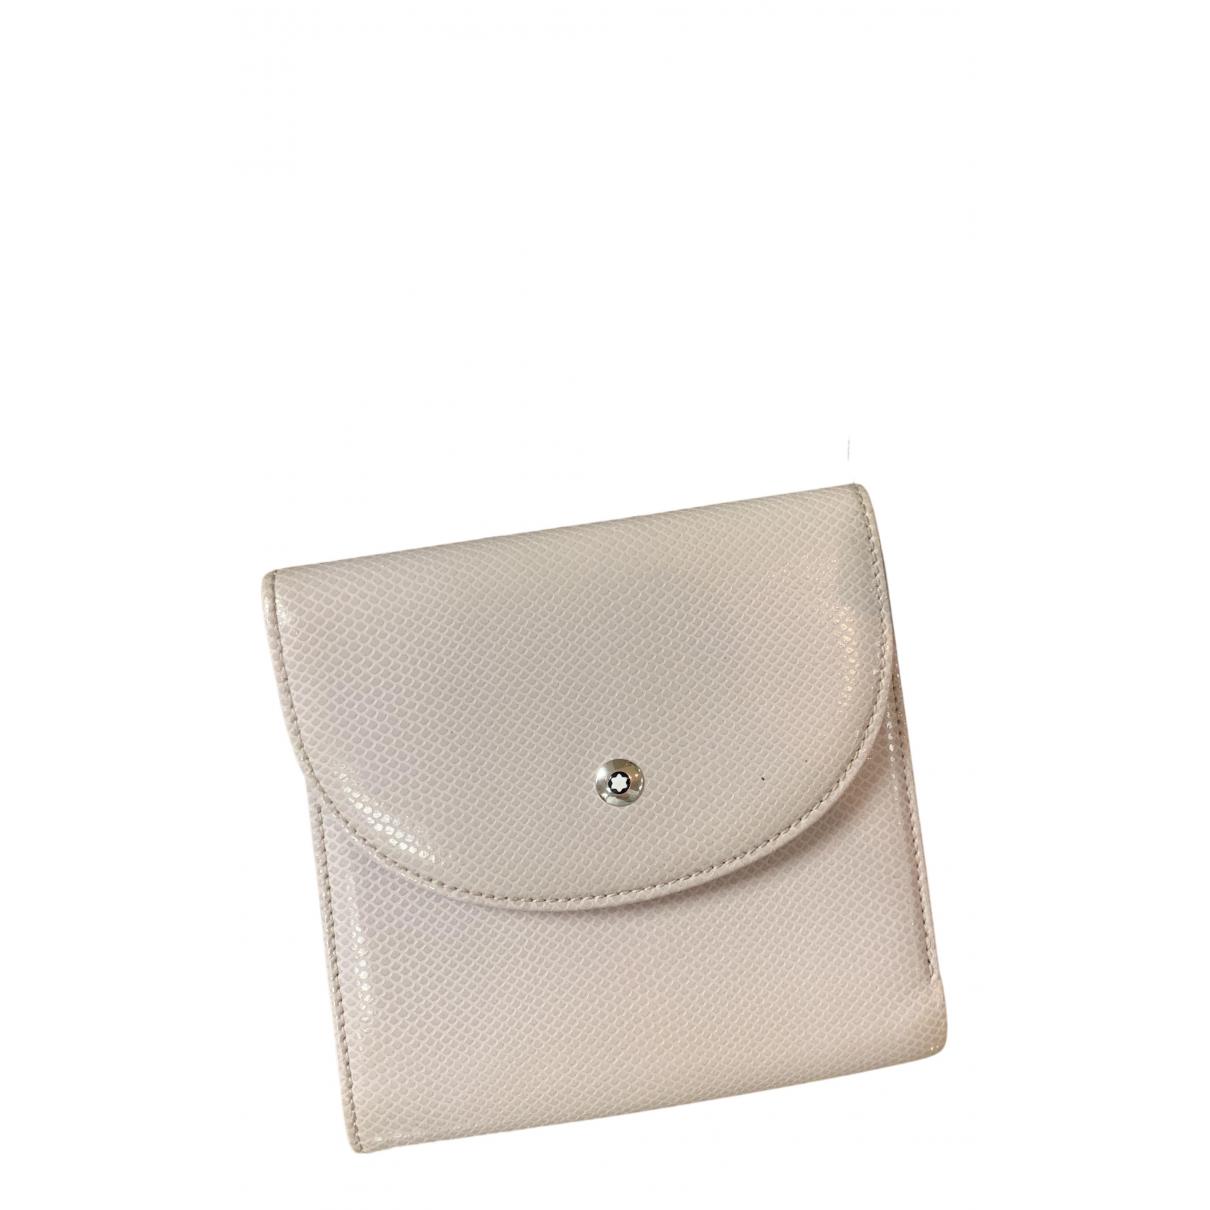 Montblanc - Petite maroquinerie   pour femme en autre - beige